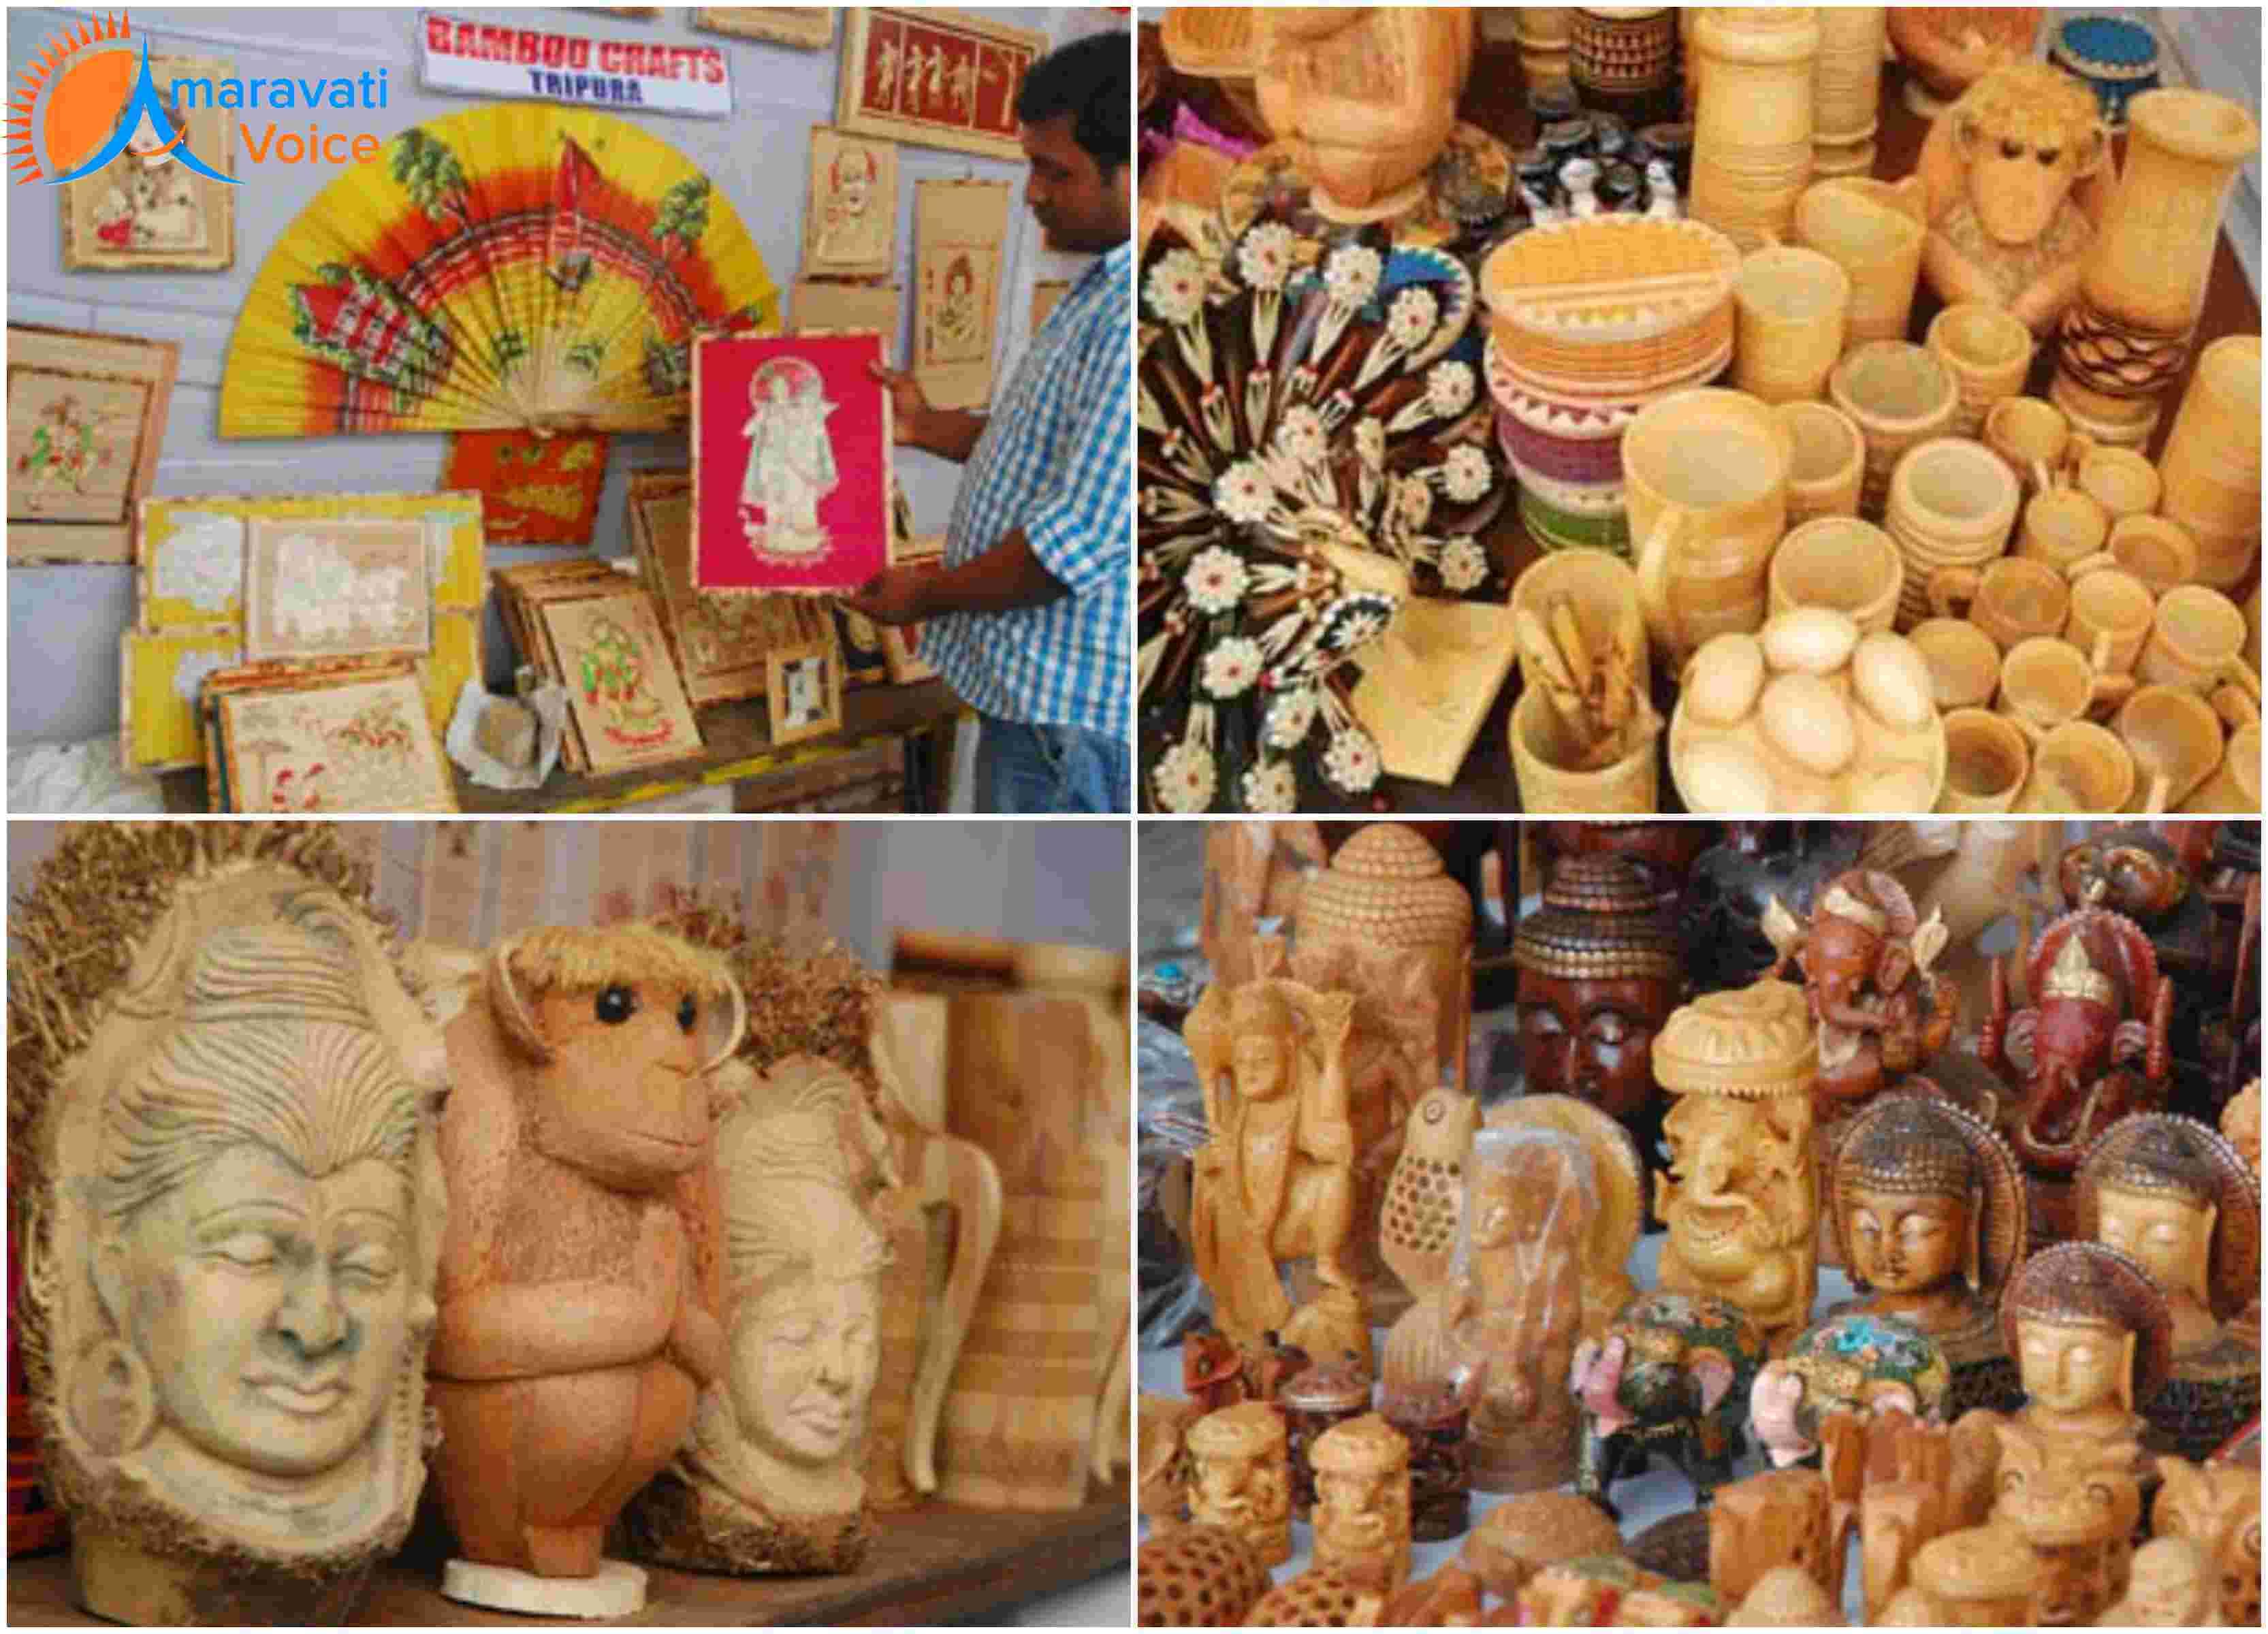 Tripura S Bamboo Handicrafts Pulls Crowds At Gandhi Shilp Bazar In